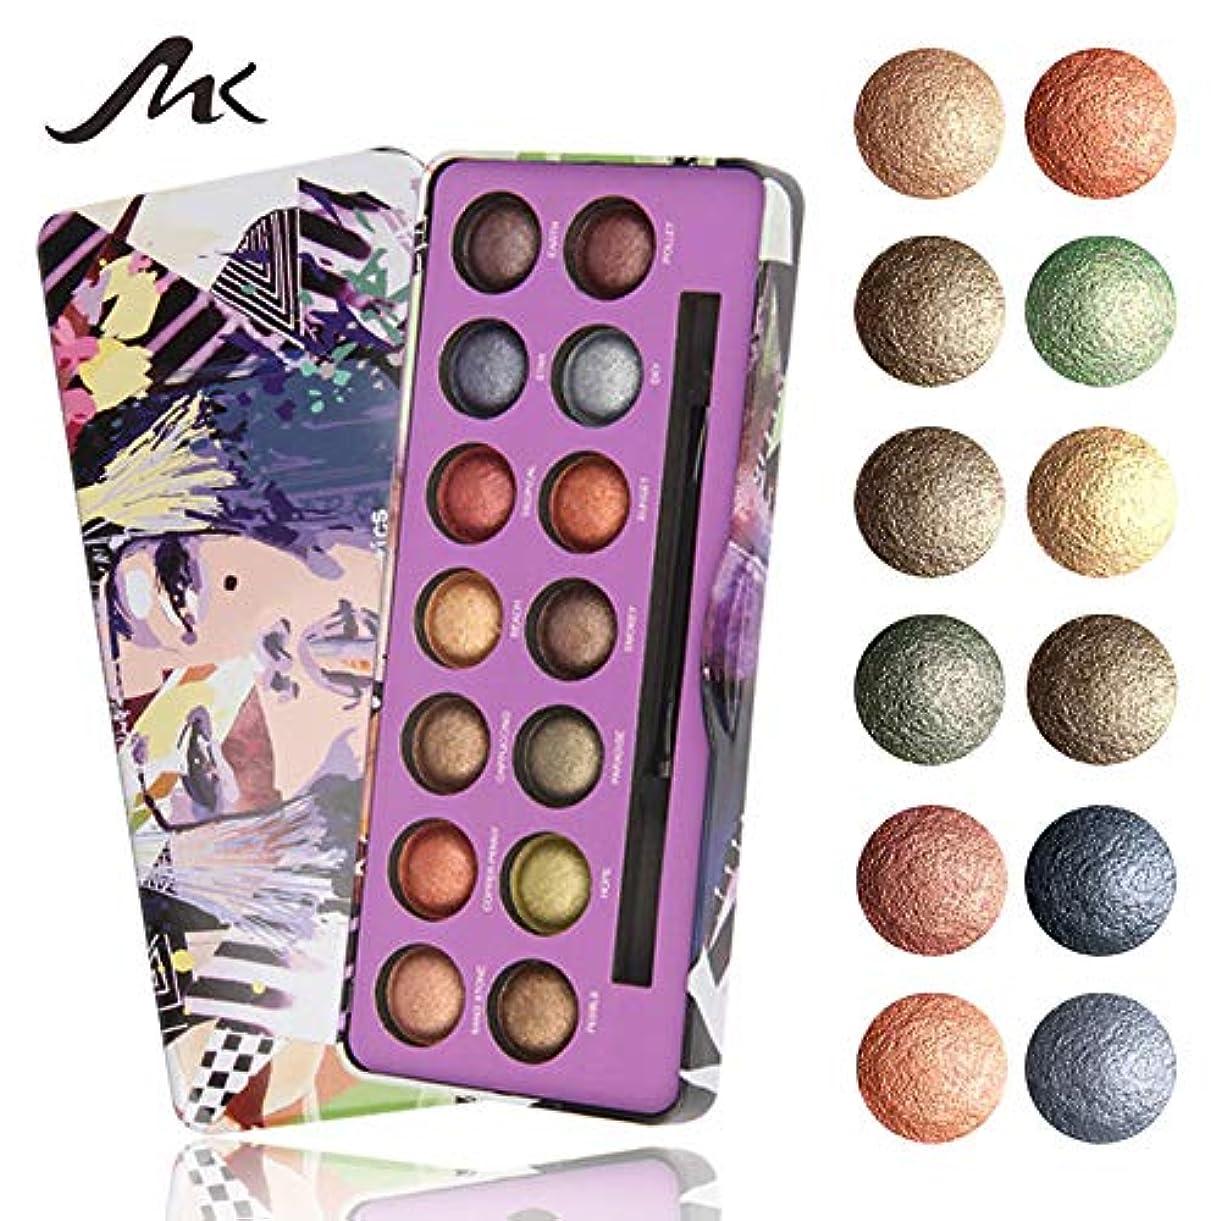 代わってのスコアデンプシーAkane アイシャドウパレット MK 綺麗 人気 気質的 真珠光沢 チャーム 魅力的 マット つや消し 長持ち ファッション 防水 おしゃれ 持ち便利 Eye Shadow (14色) 8293